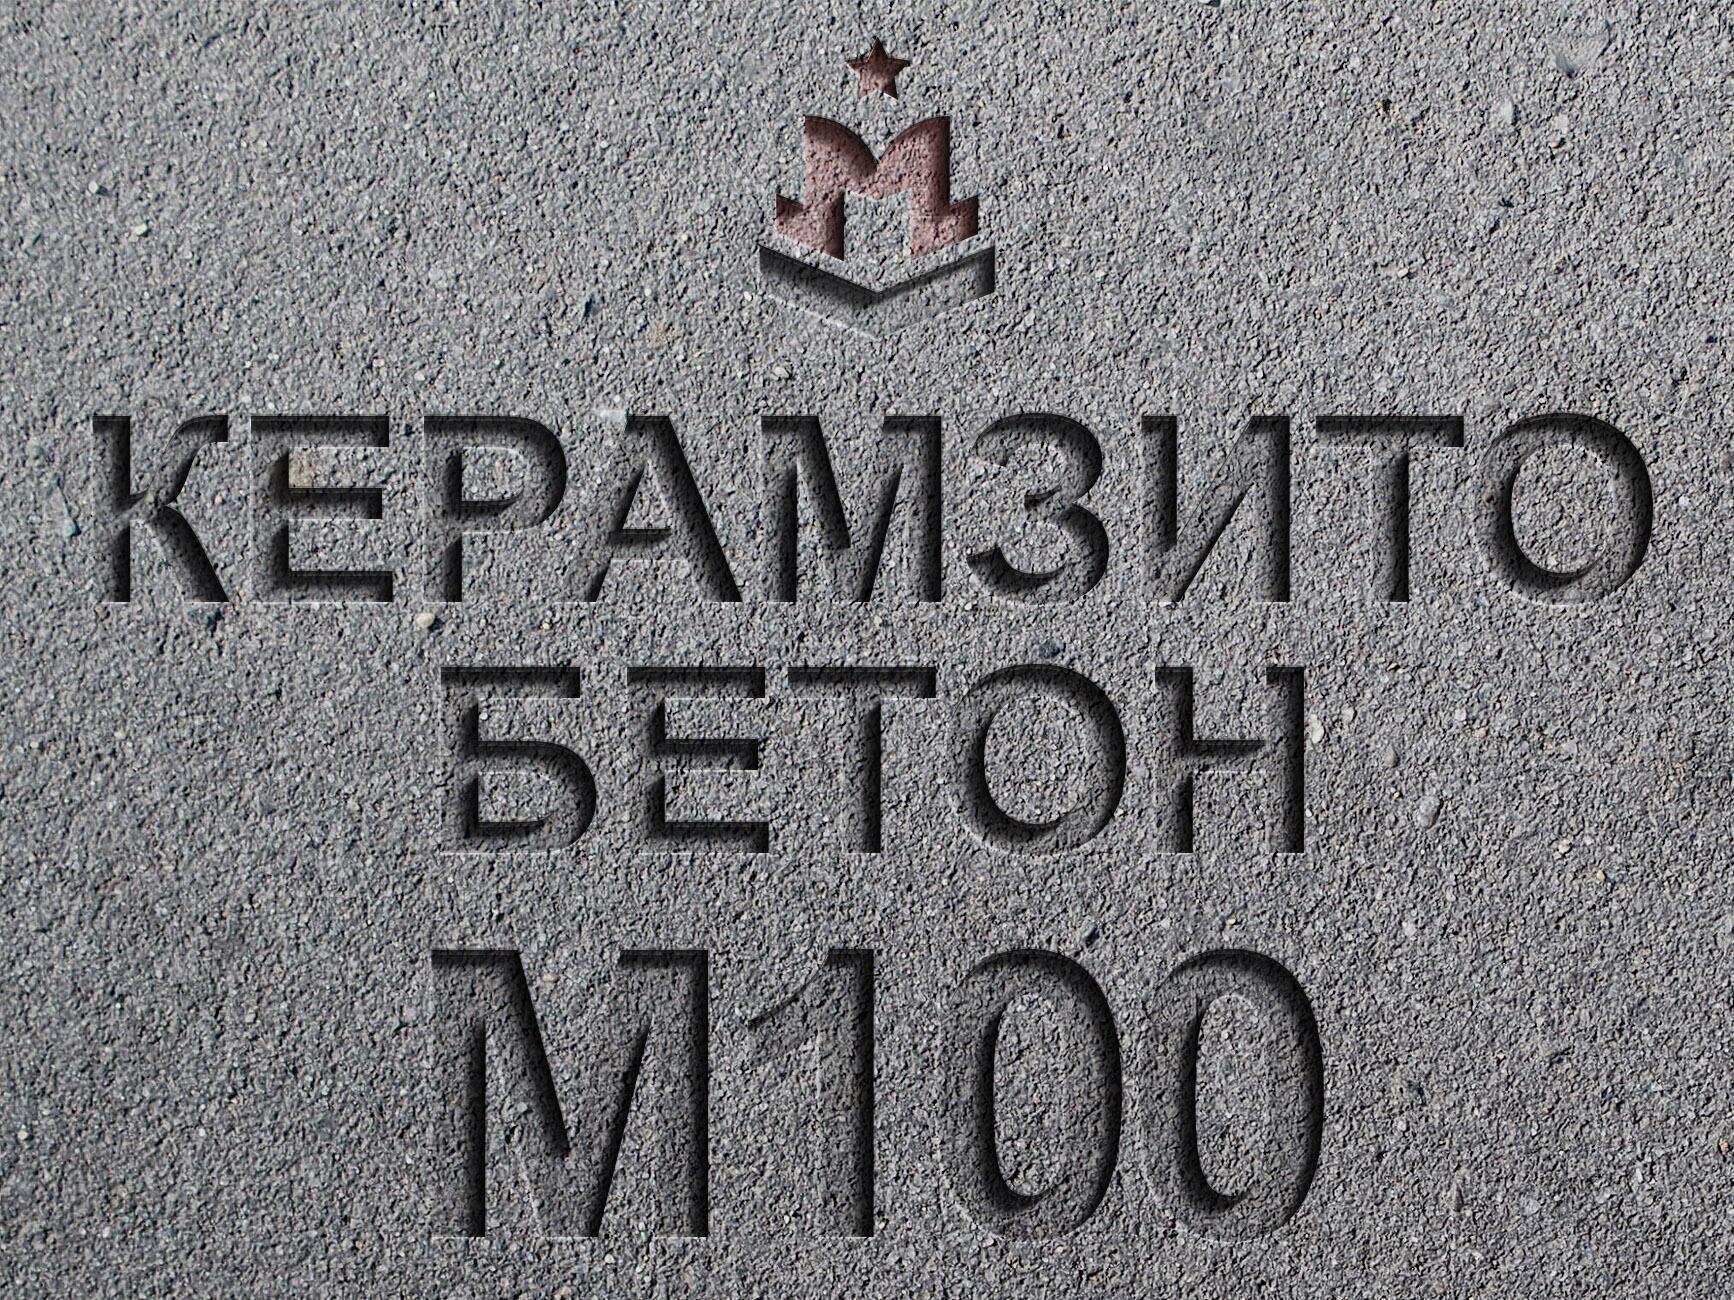 керамзитобетон f100